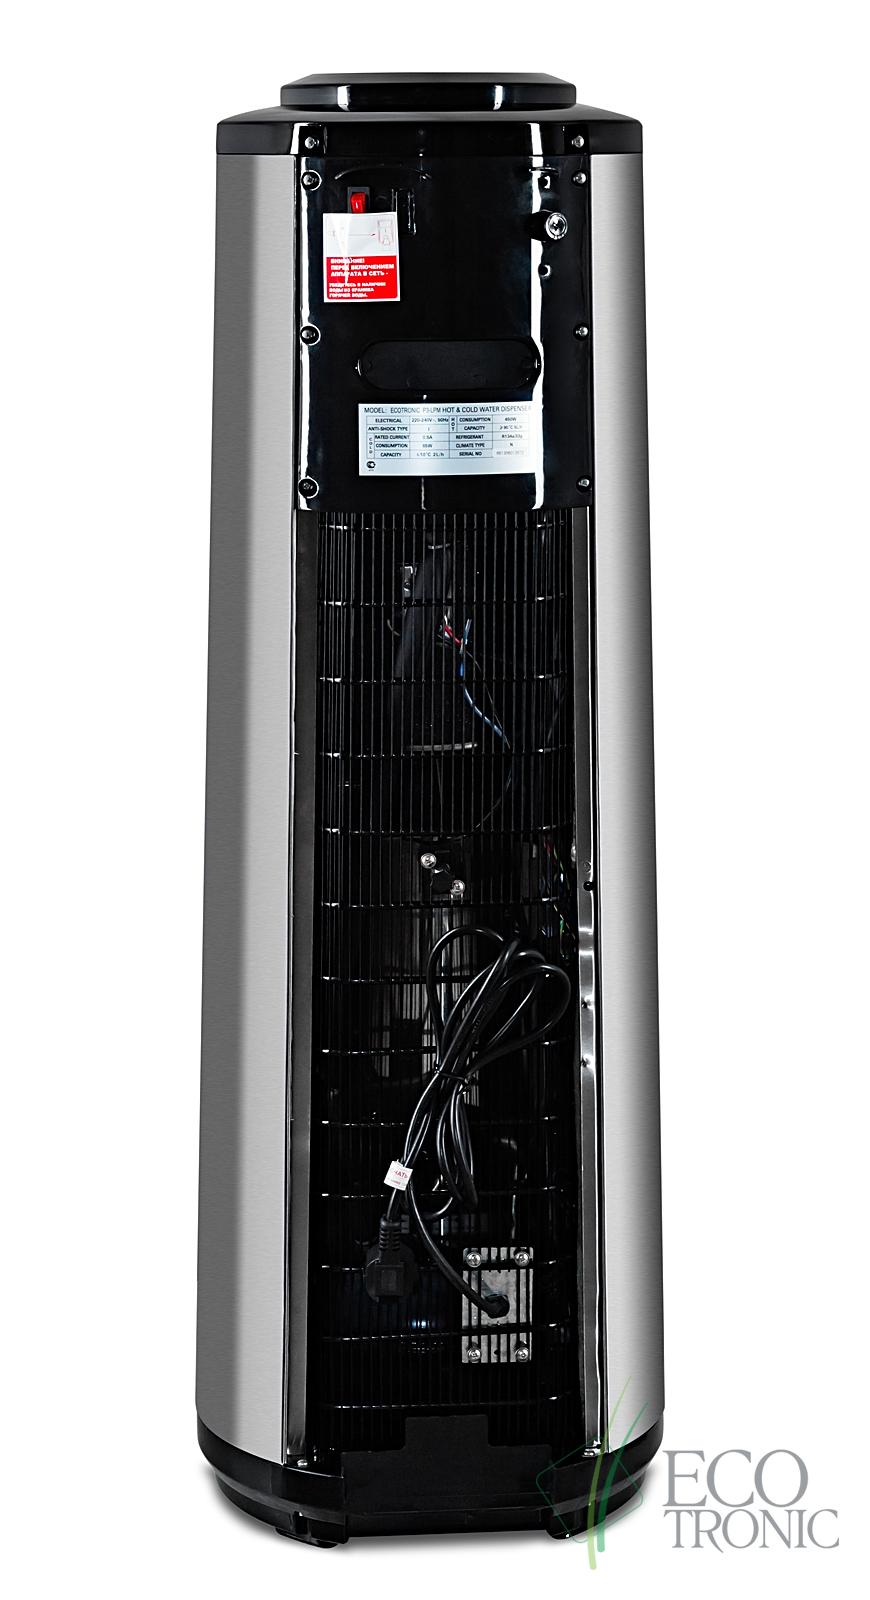 Кулер Ecotronic P3-LPM black с панелью управления